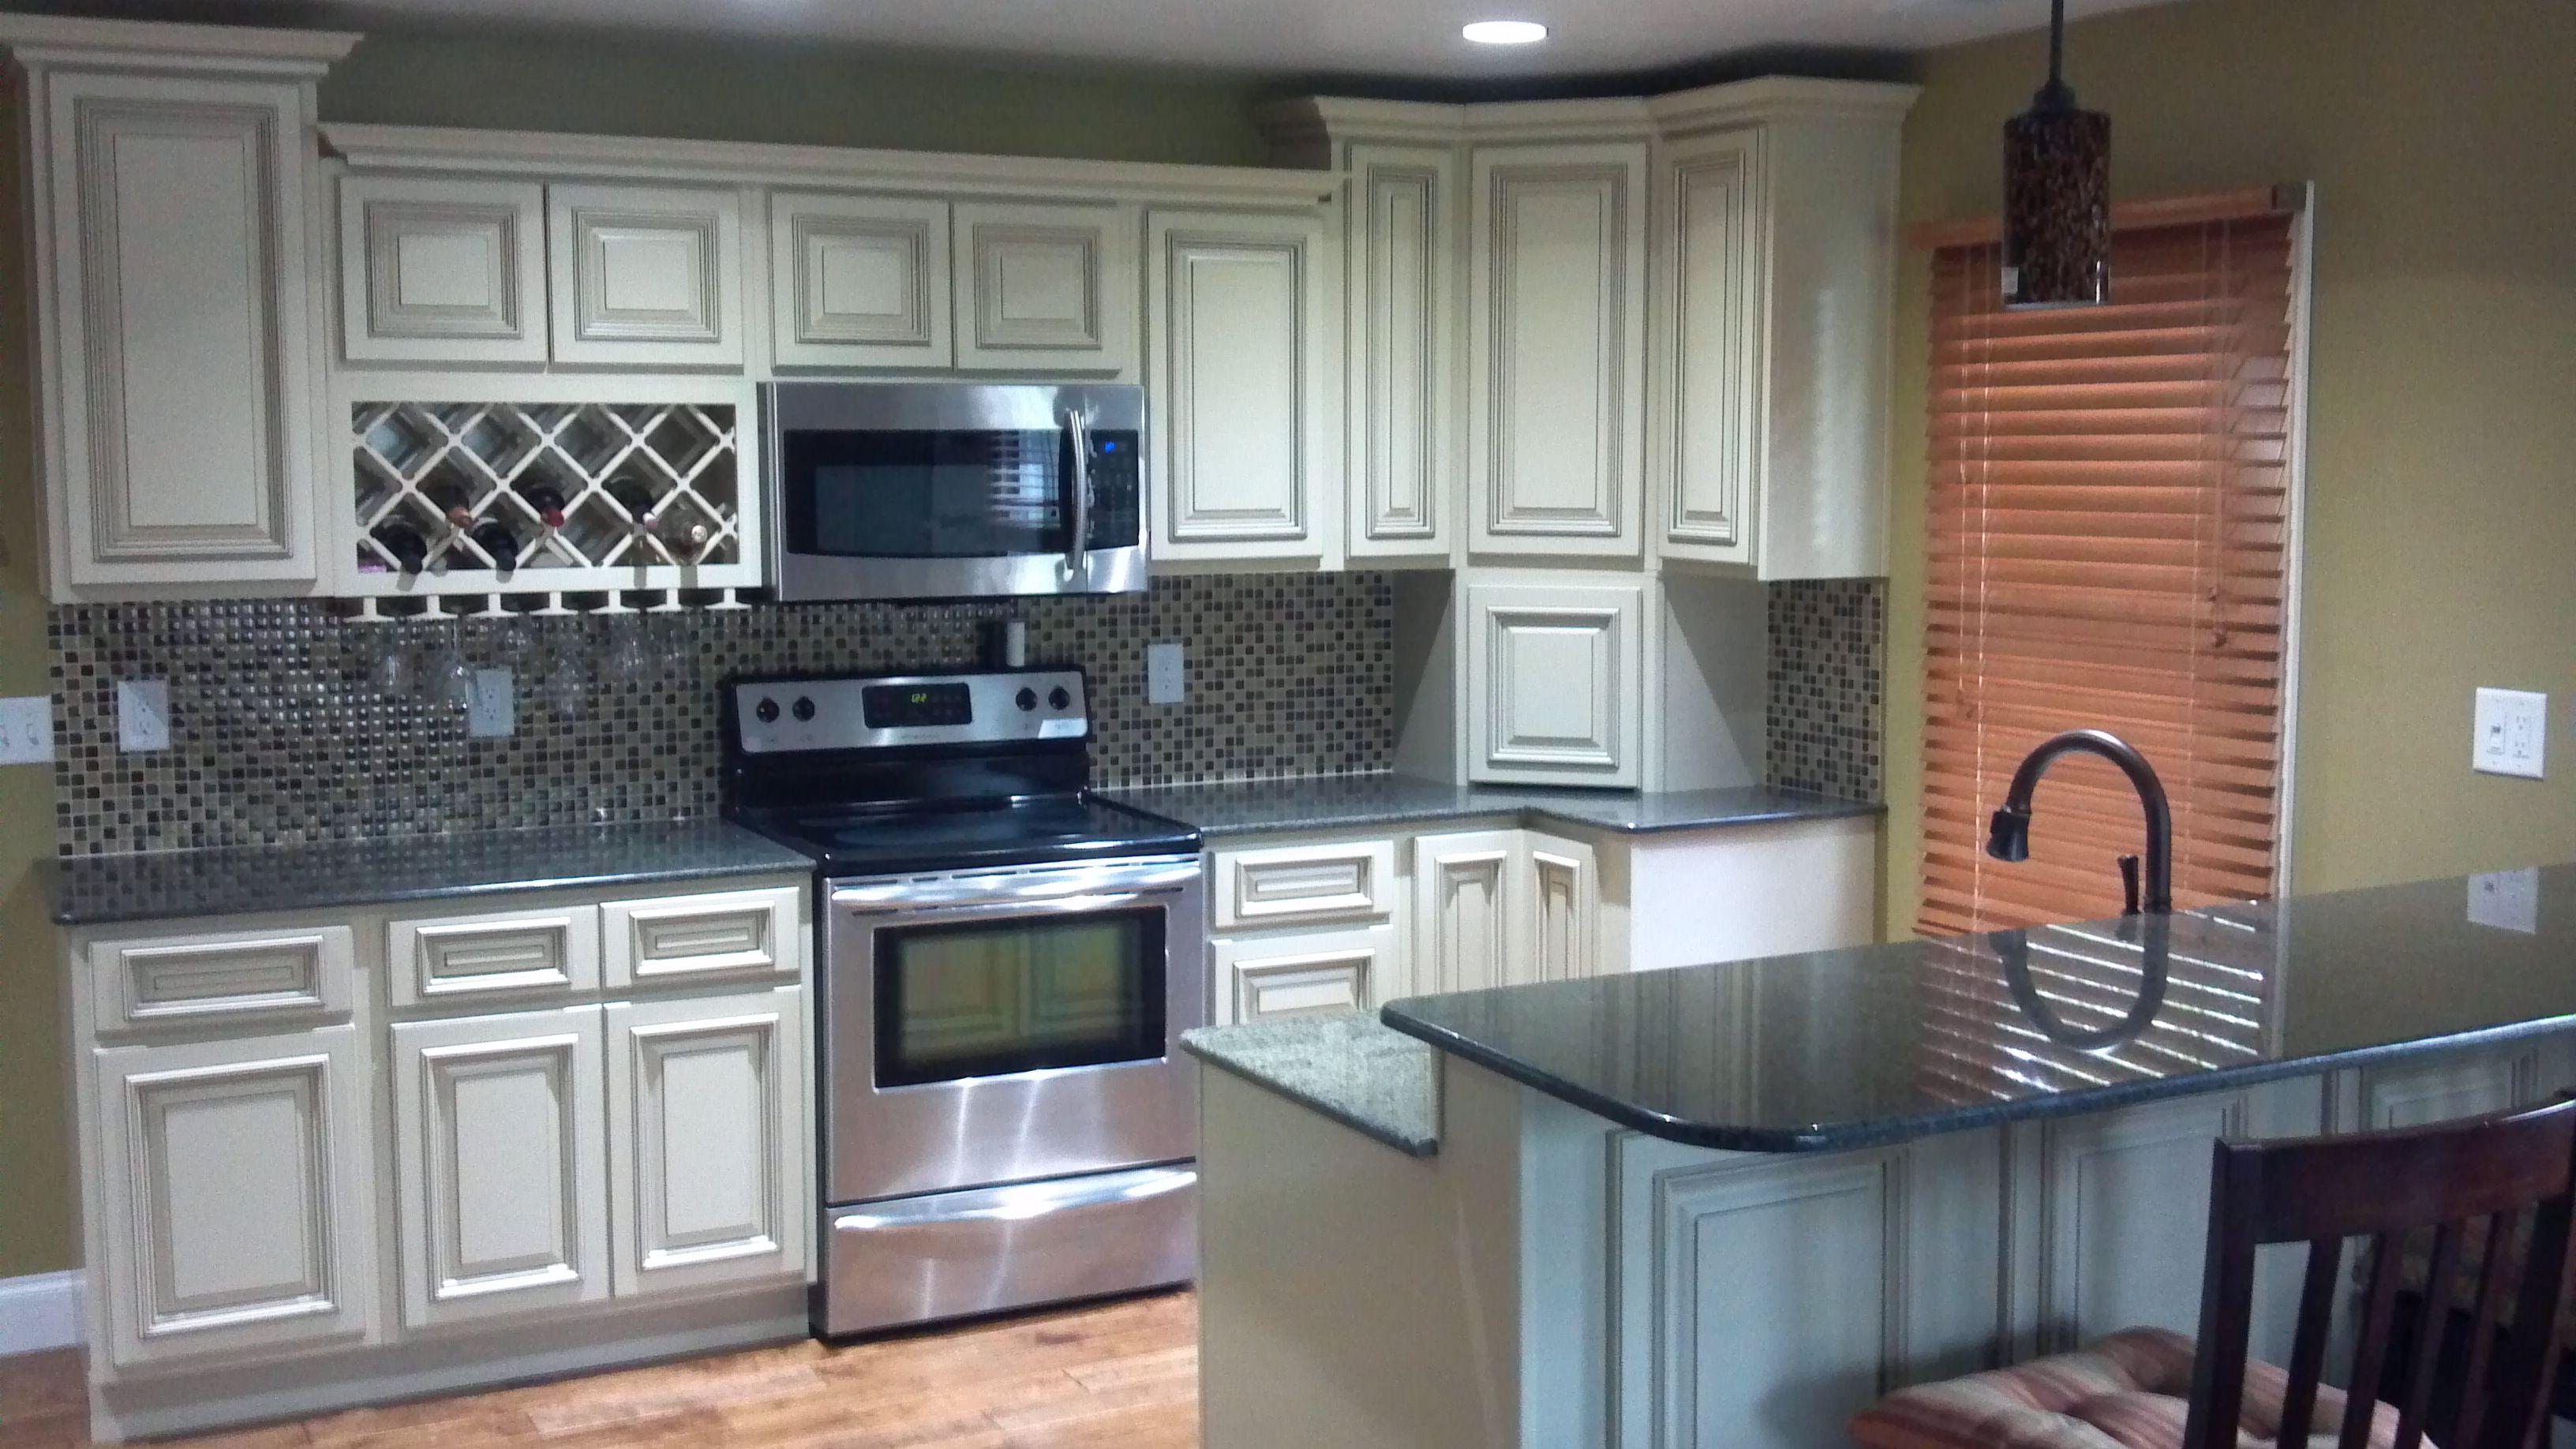 Kitchen Design Inspiration Kitchen Inspiration Design Kitchen Cabinets Kitchen Cabinets For Sale